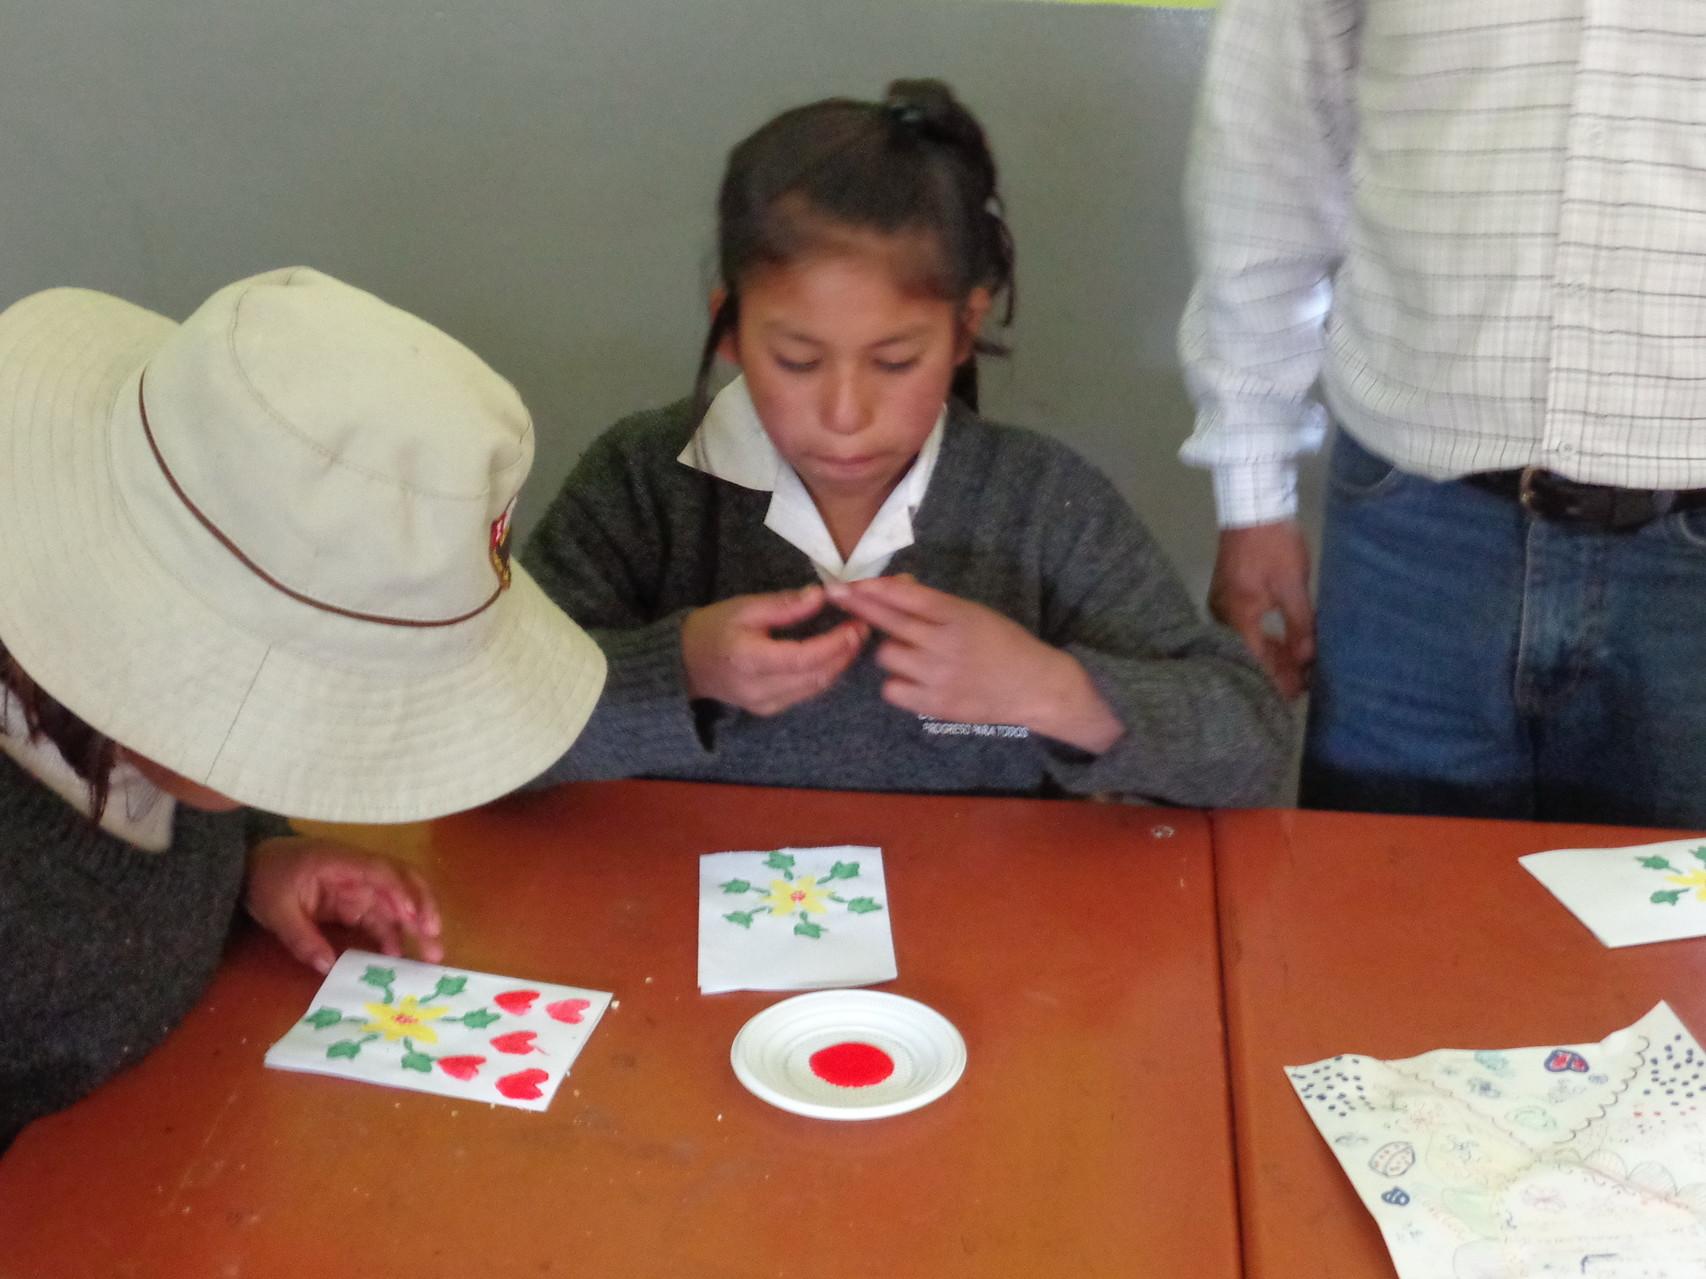 08 Mayo - Elaborando tarjetas Día de la Madre